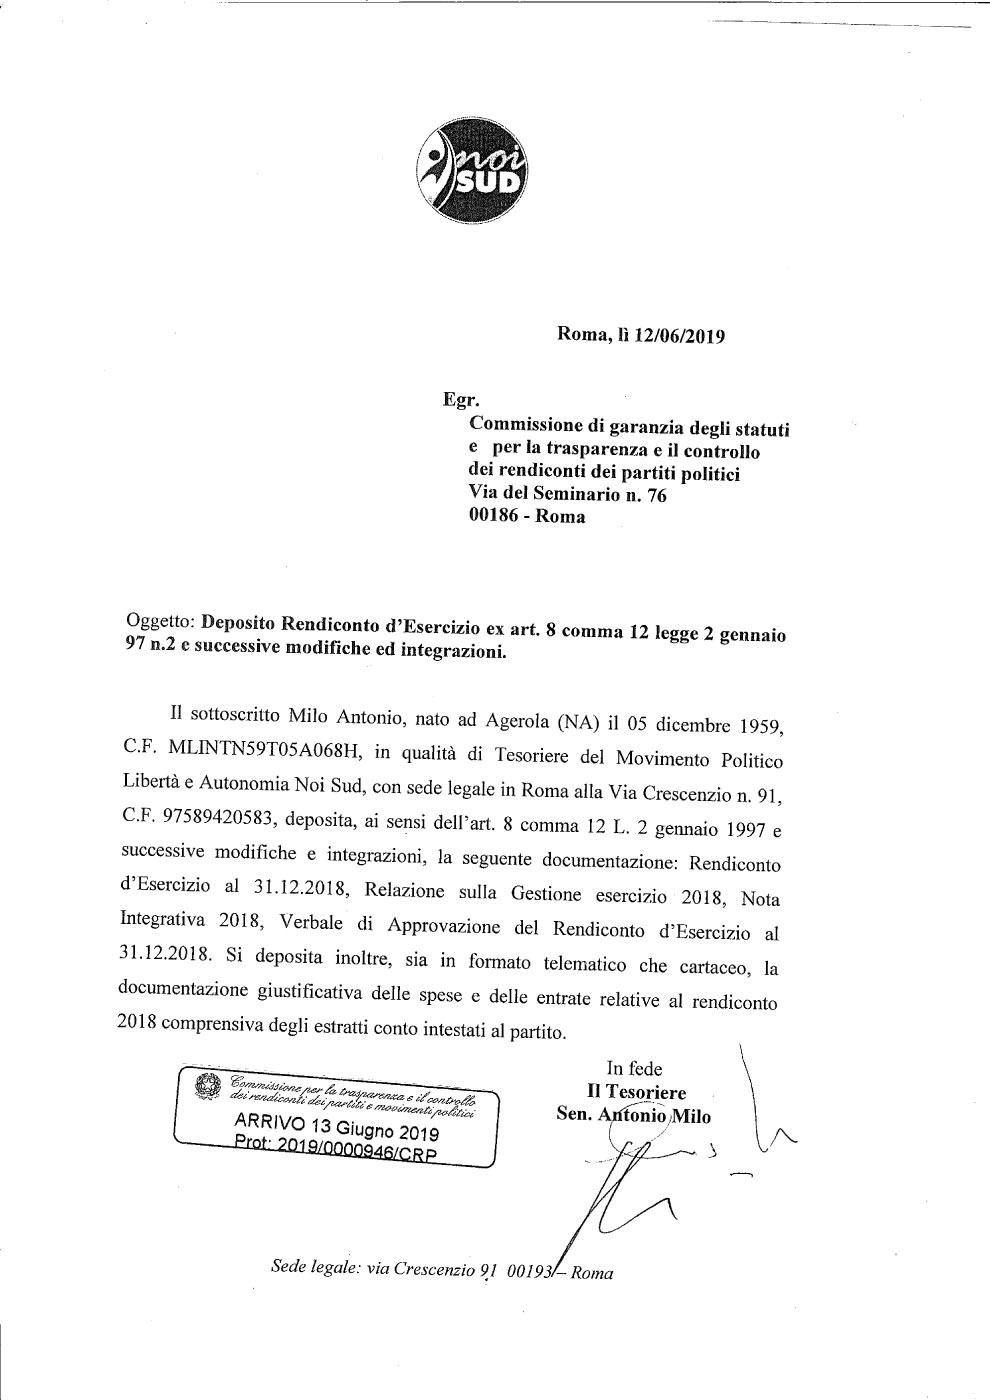 DEPOSITO-RENDICONTO-D'ESERCIZIO